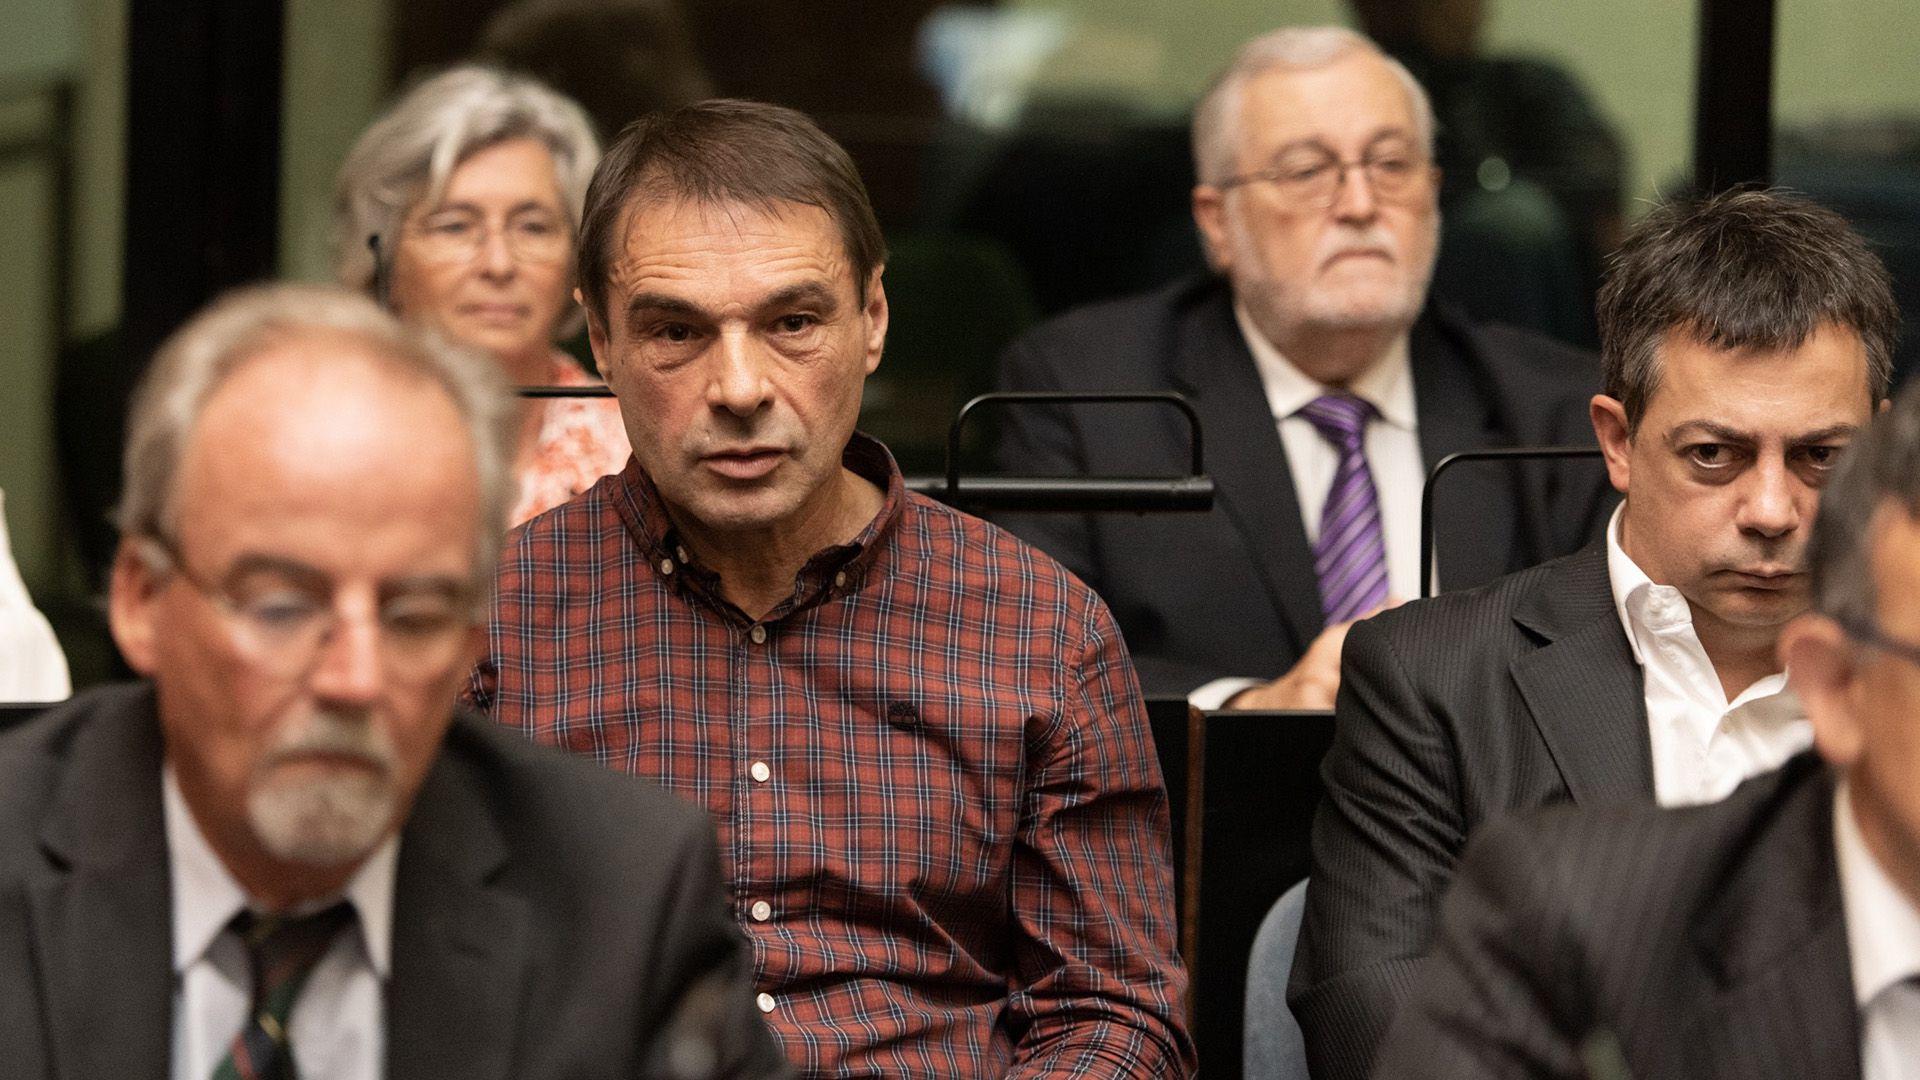 Primera audiencia del juicio contra Jaime. Alfredo Pielach de camisa a cuadros y a su lado Lisandro López (Adrián Escandar)